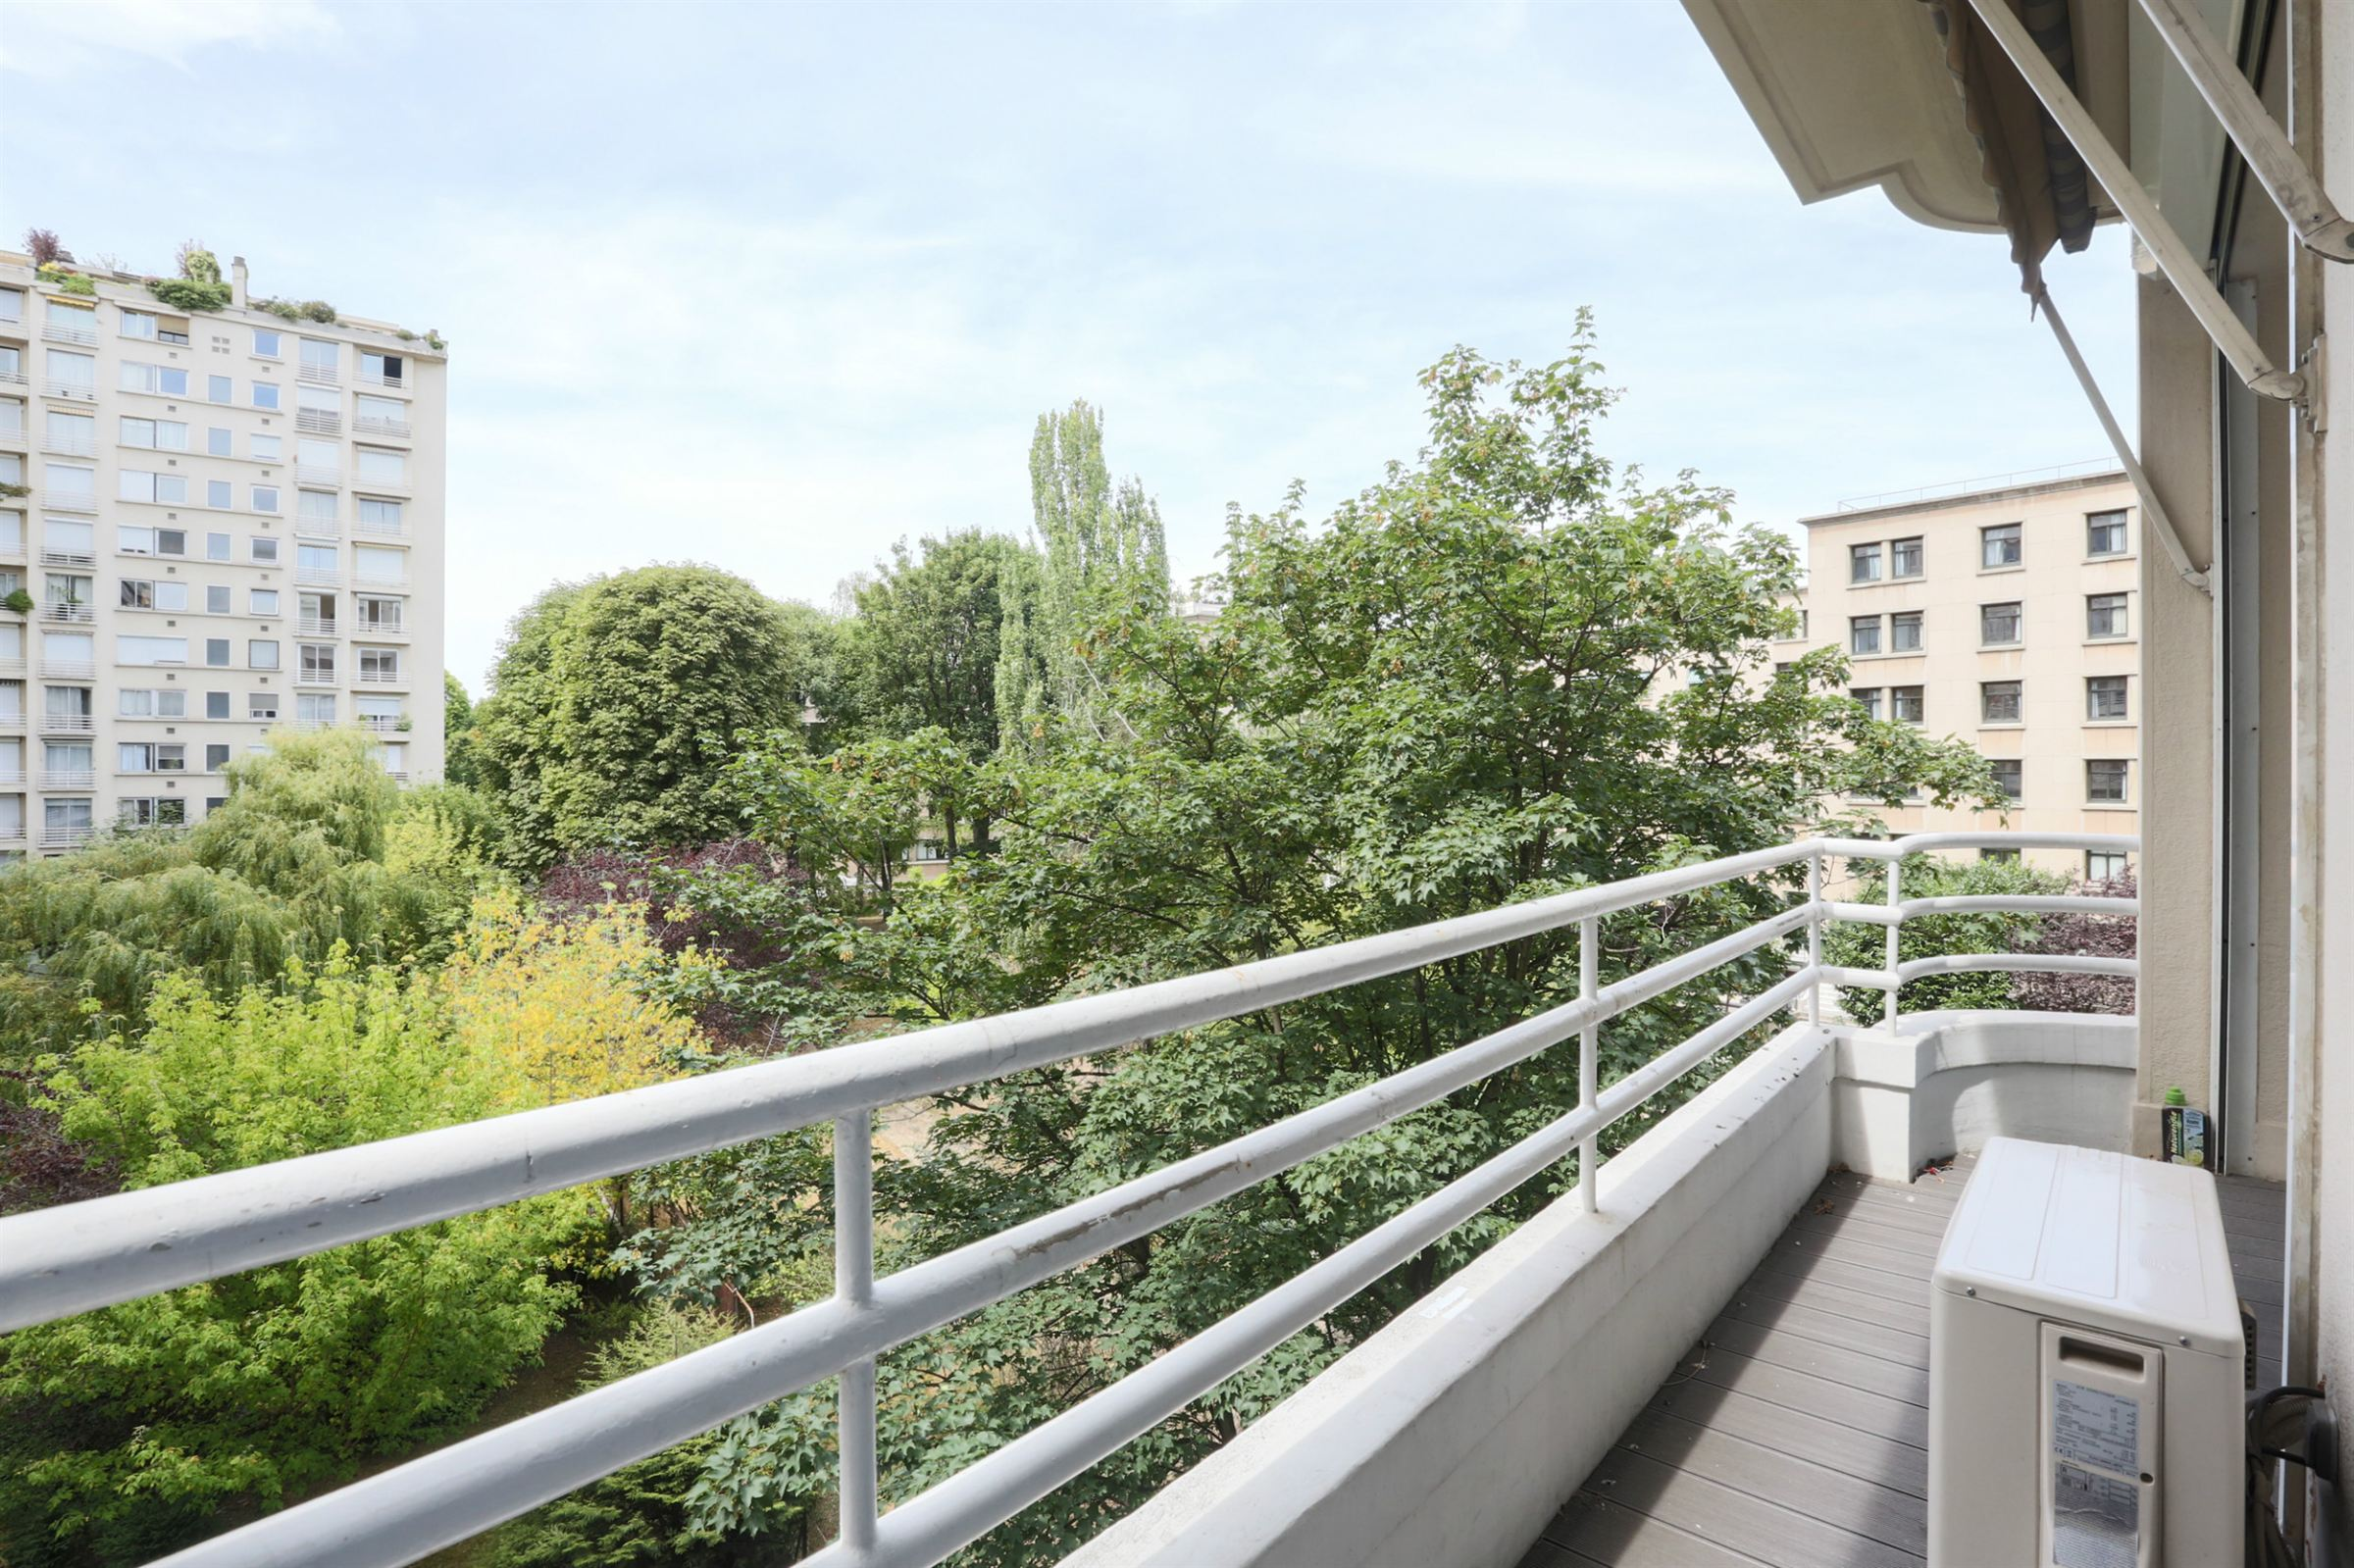 Property For Sale at Paris 16 - Docteur Blanche - A 137 sq.m apartment + balconies/terraces